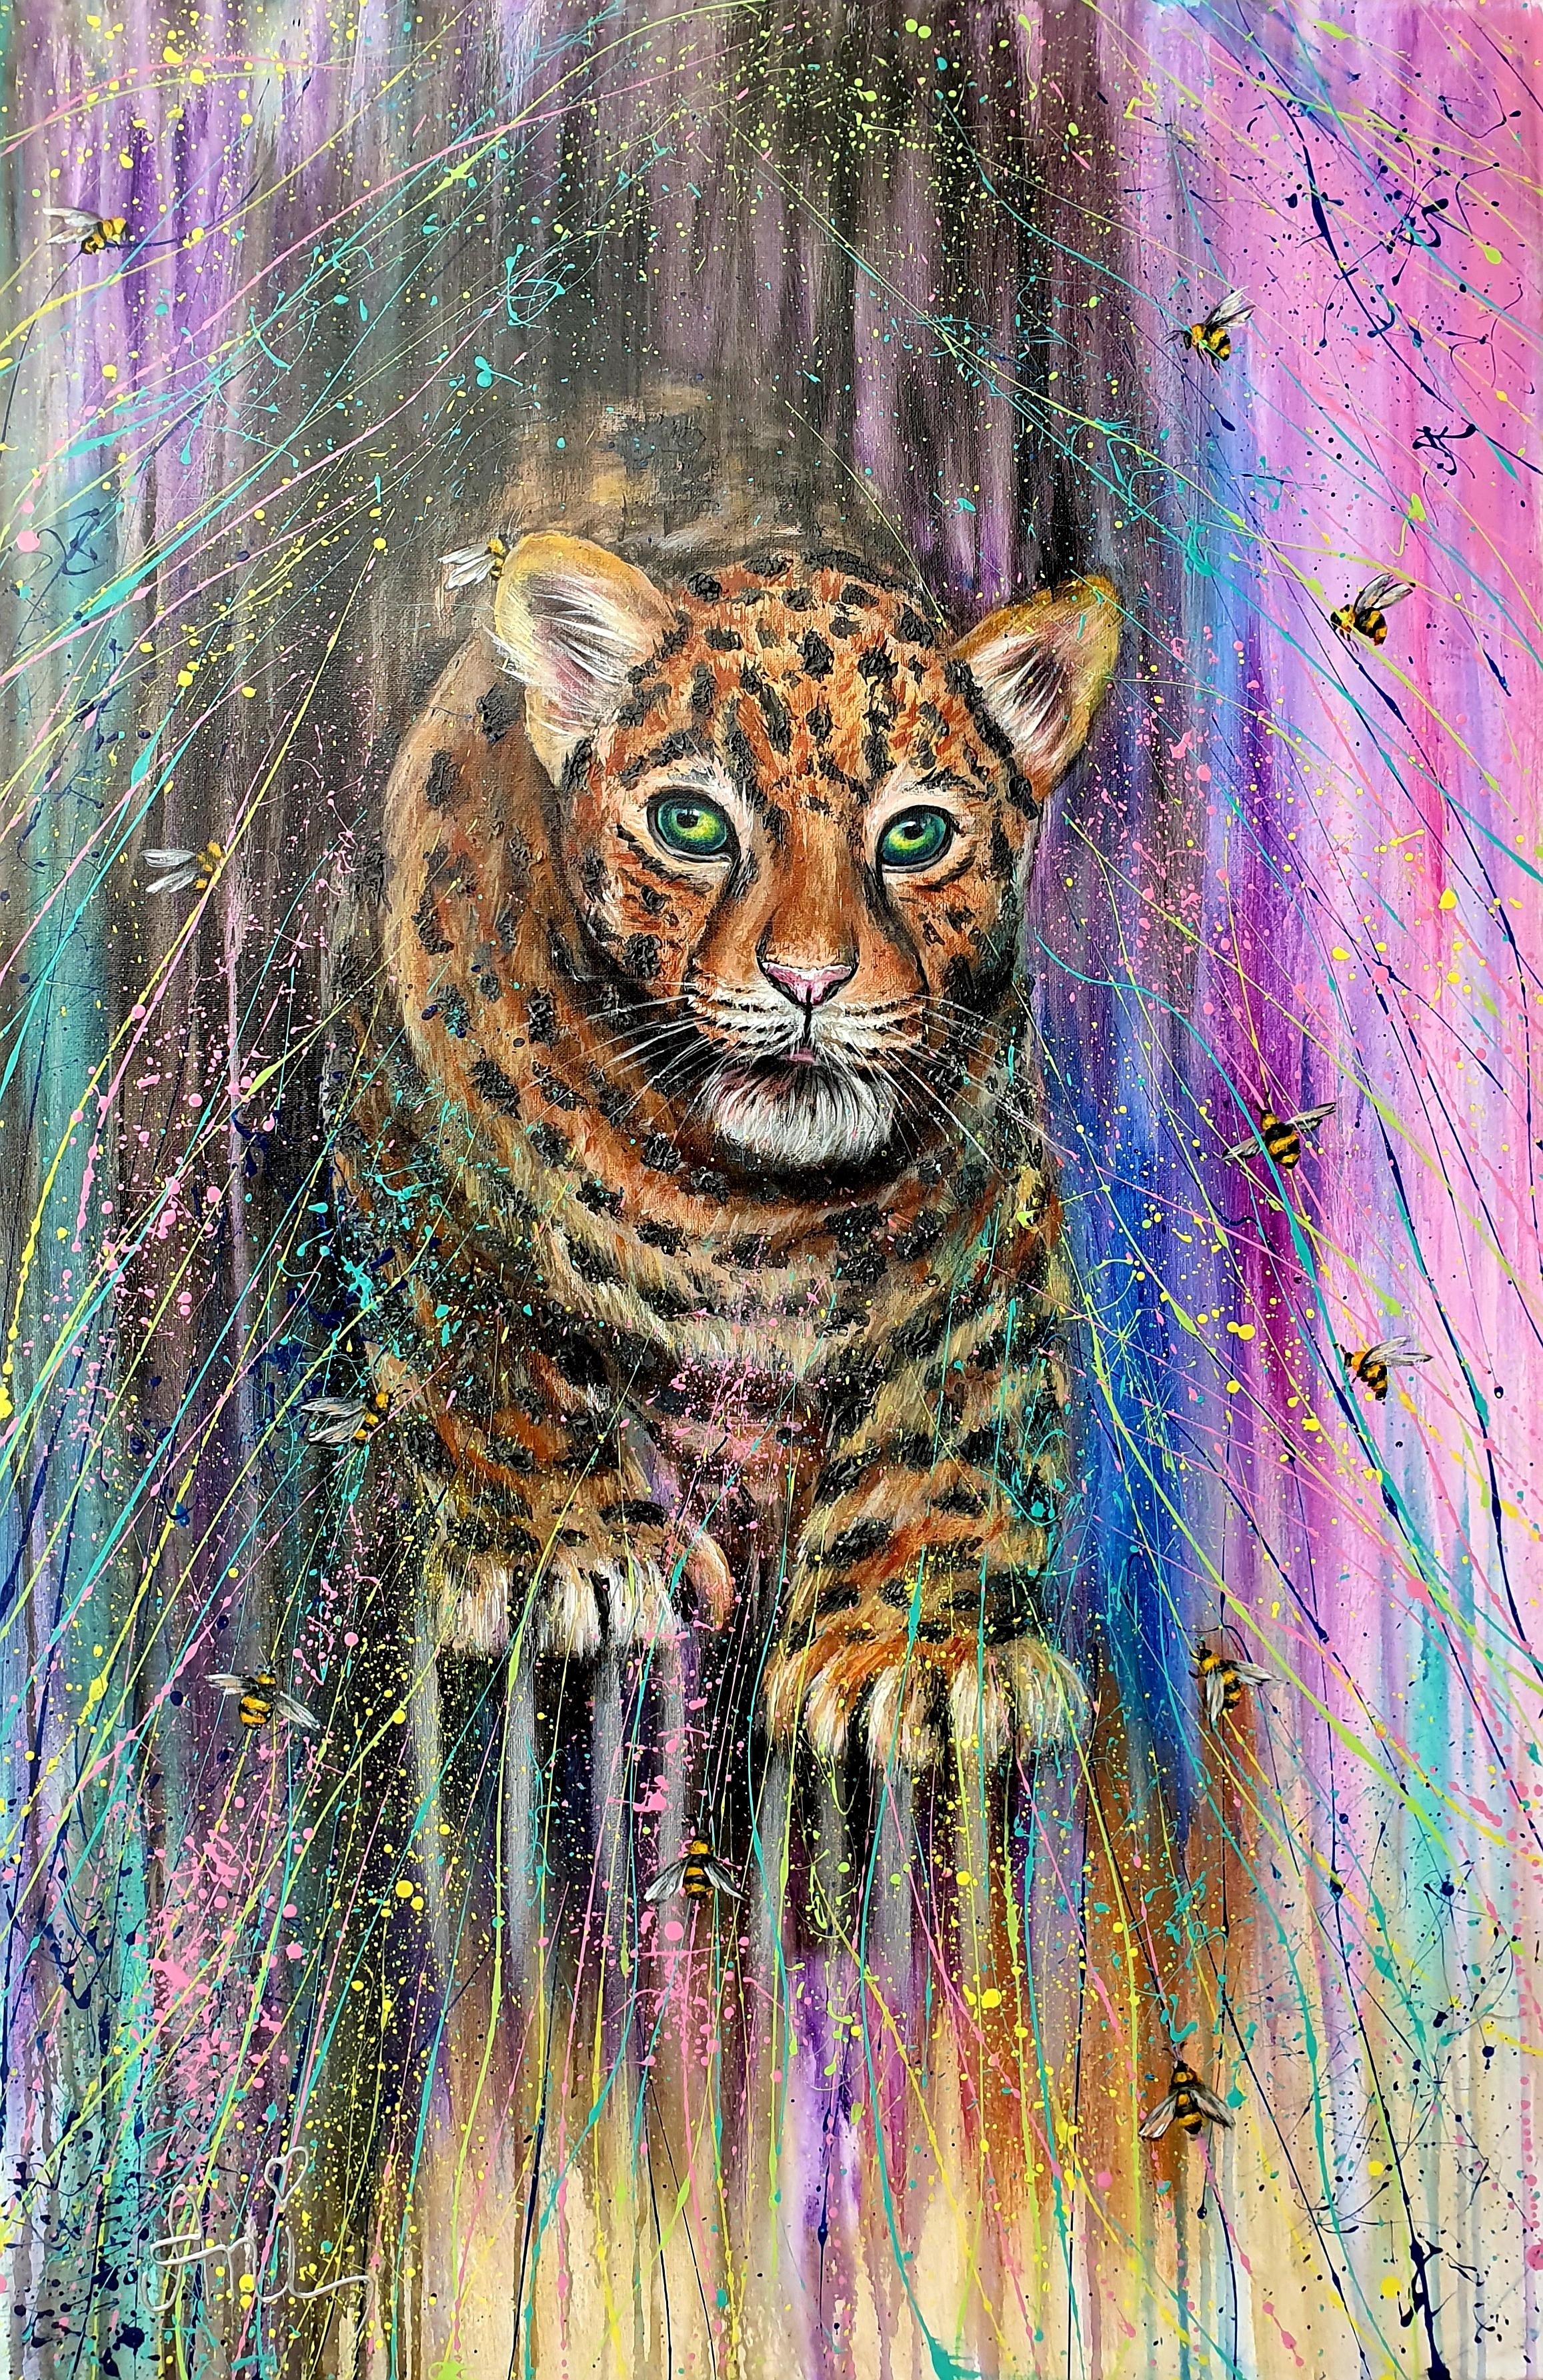 Le léopardeau:  Peinture acrylique sur toile, 115cm x 75cm  Prix: 1250€ + frais de livraison